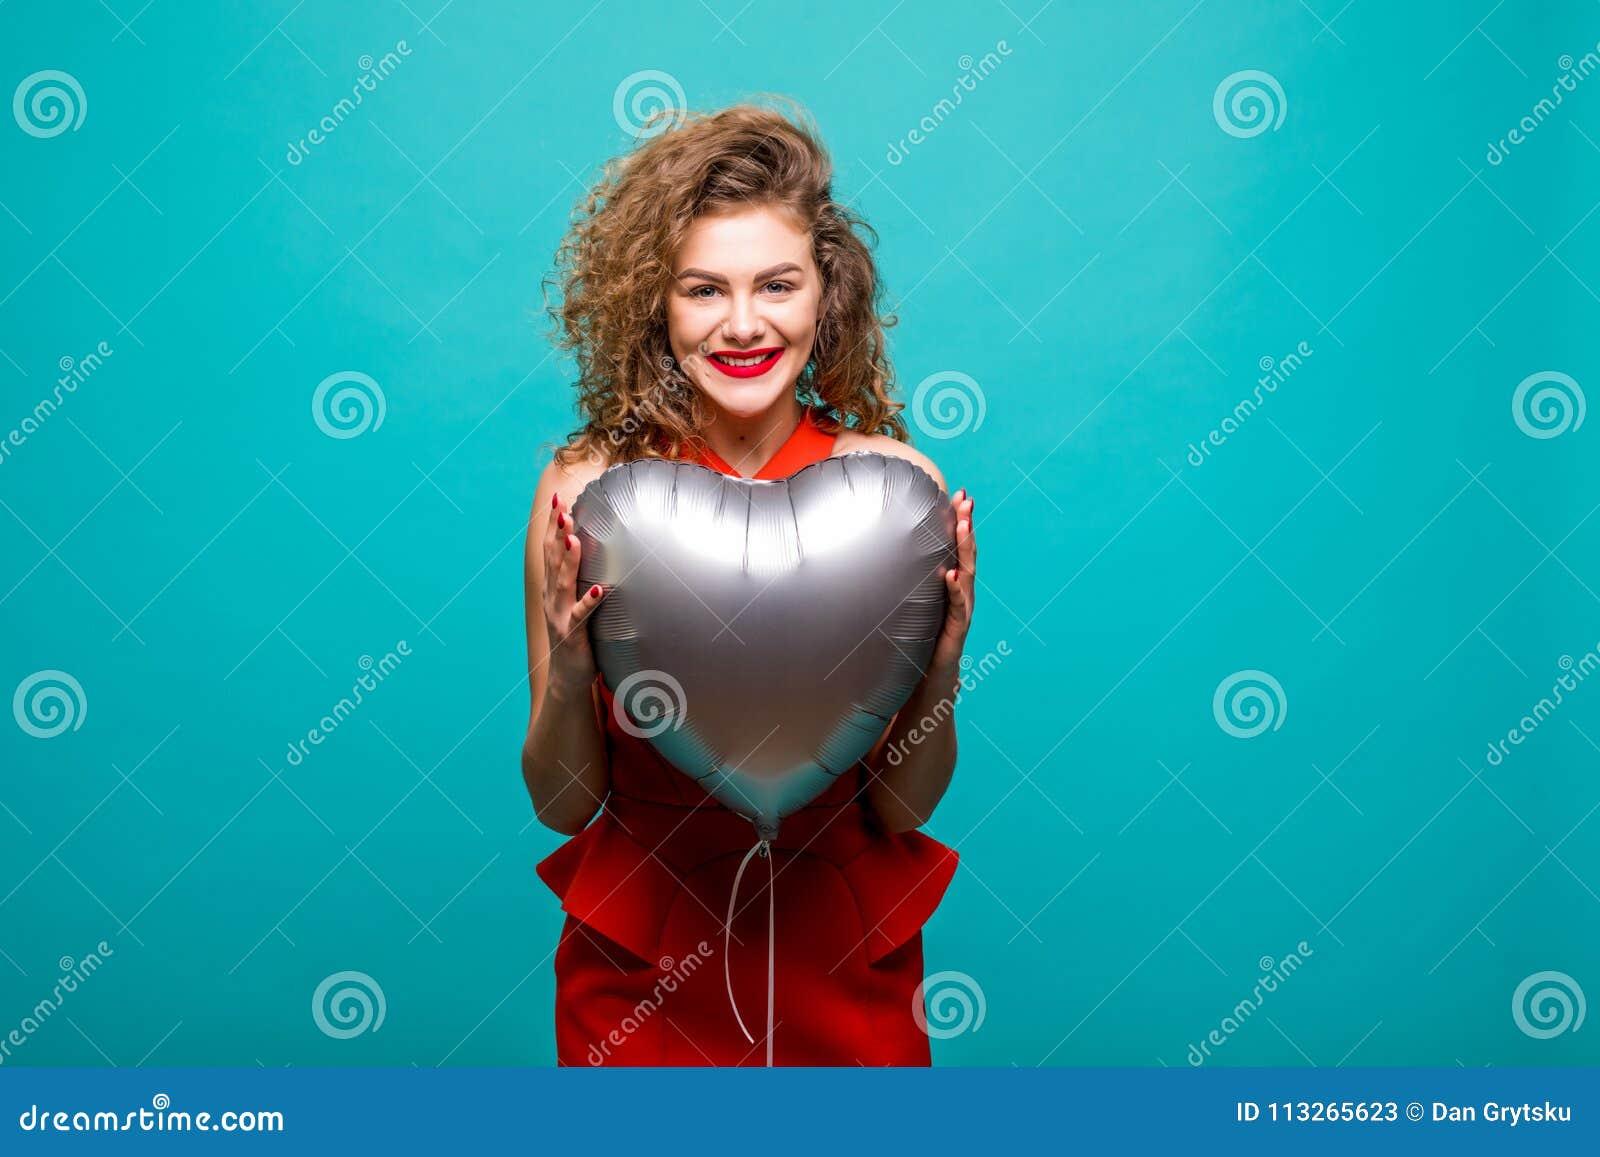 η ασιατική ανασκόπησης μπαλονιών όμορφη καυκάσια εννοιών χαριτωμένη ημέρας εκμετάλλευση καρδιών φορεμάτων κ Χαριτωμένη όμορφη νέα